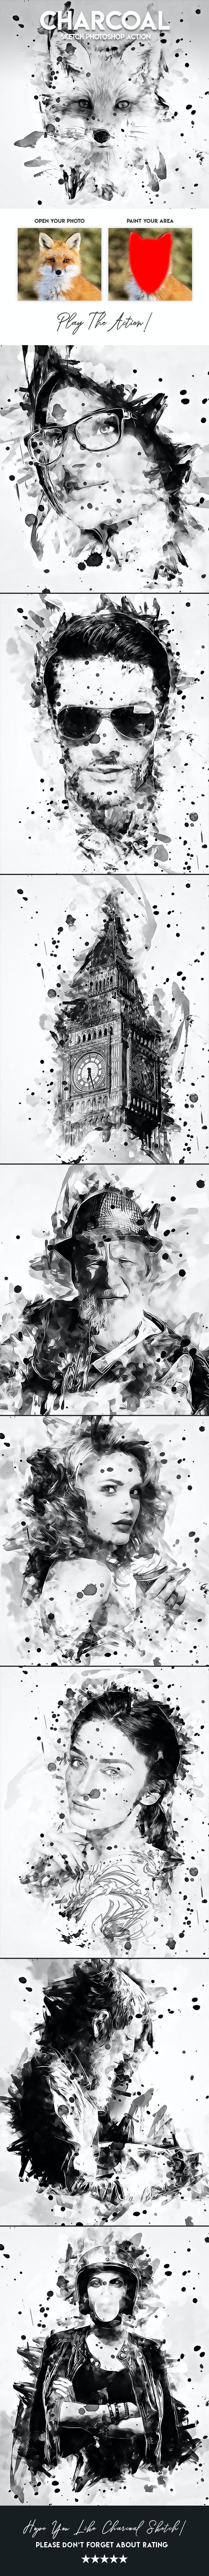 Скачать [Graphicriver] Charcoal Sketch Potoshop Action (2019), Отзывы Складчик » Архив Складчин